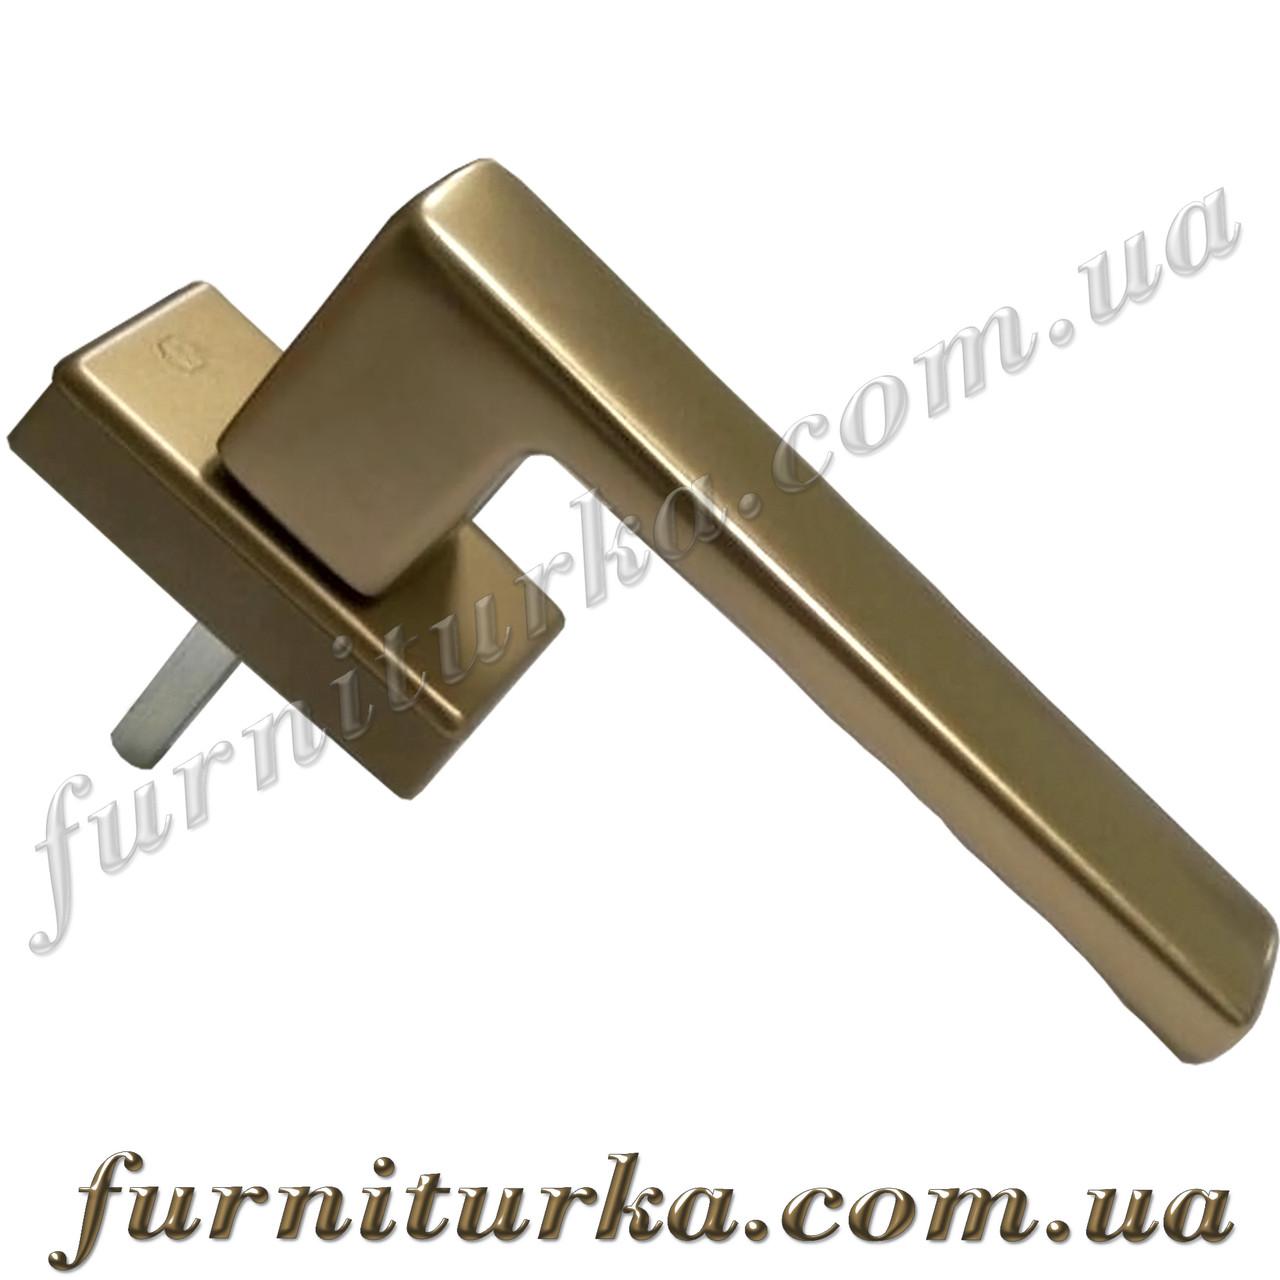 Ручка оконная Hoppe Toulon Secustik®, бронза